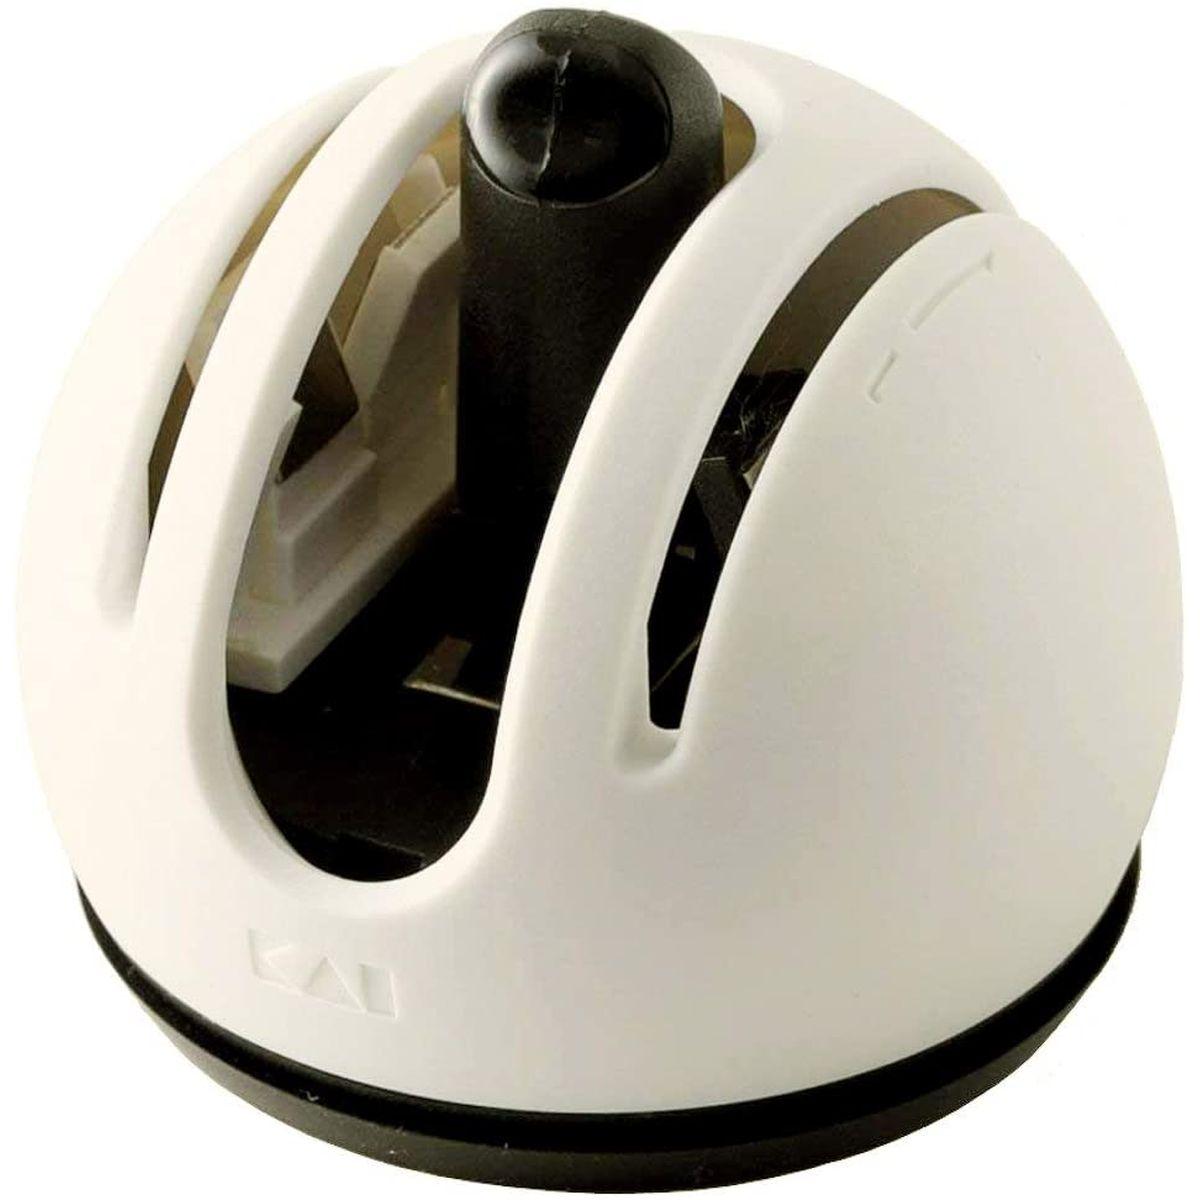 貝印 Qシャープナー 包丁研ぎ器 片手でラクラク 000AP0160